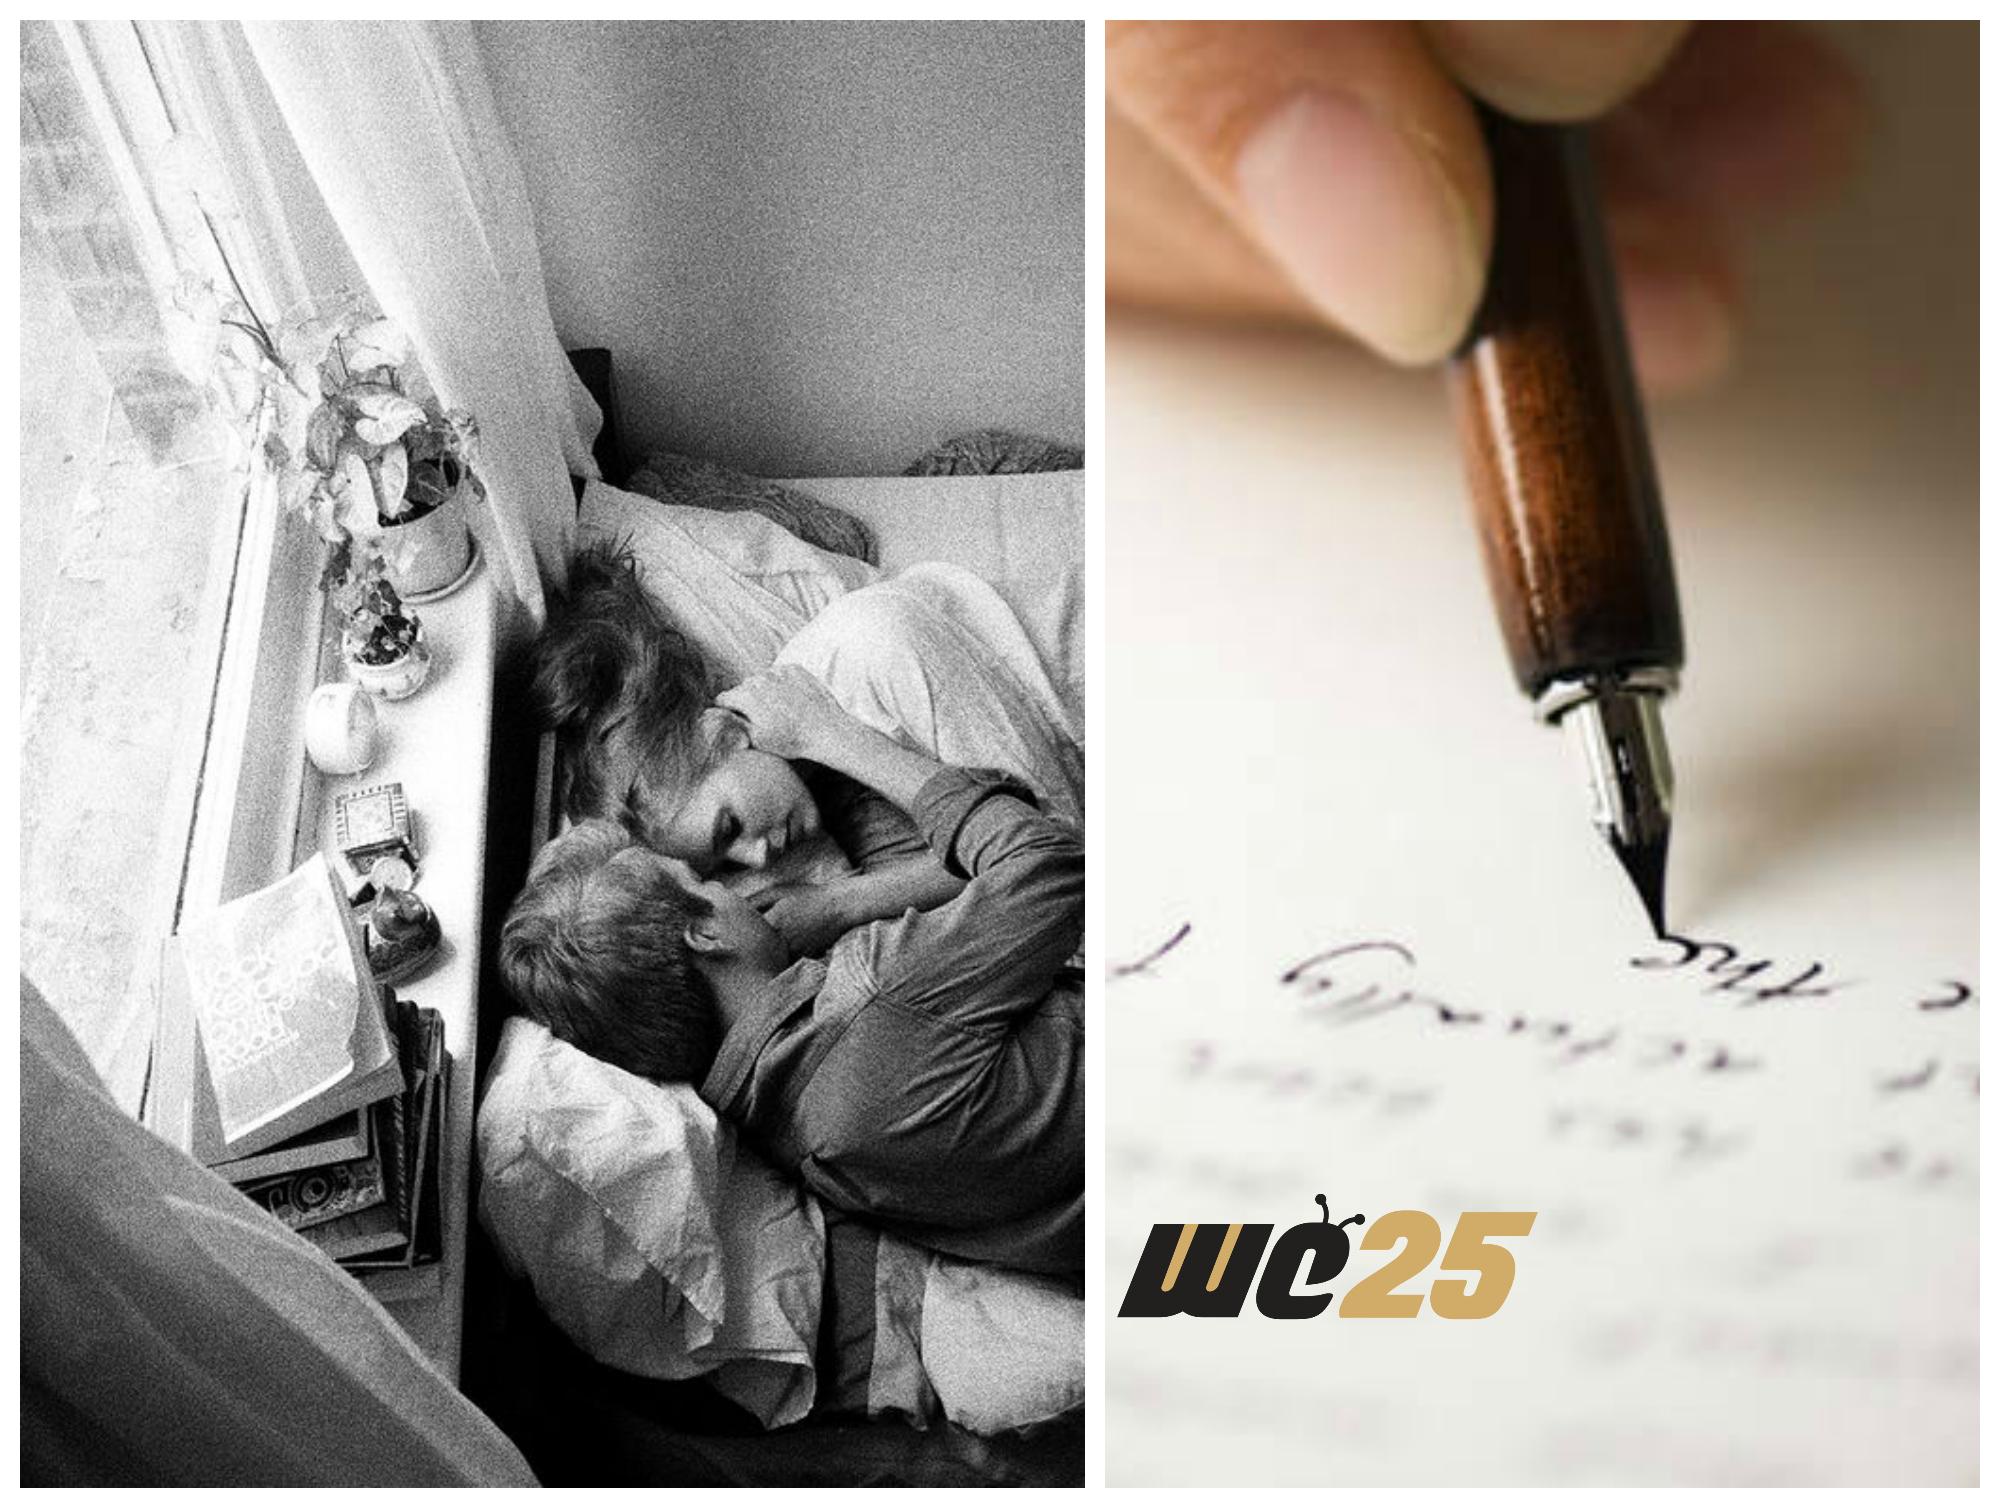 Xót xa bức thư vợ viết cho người chồng vô tâm